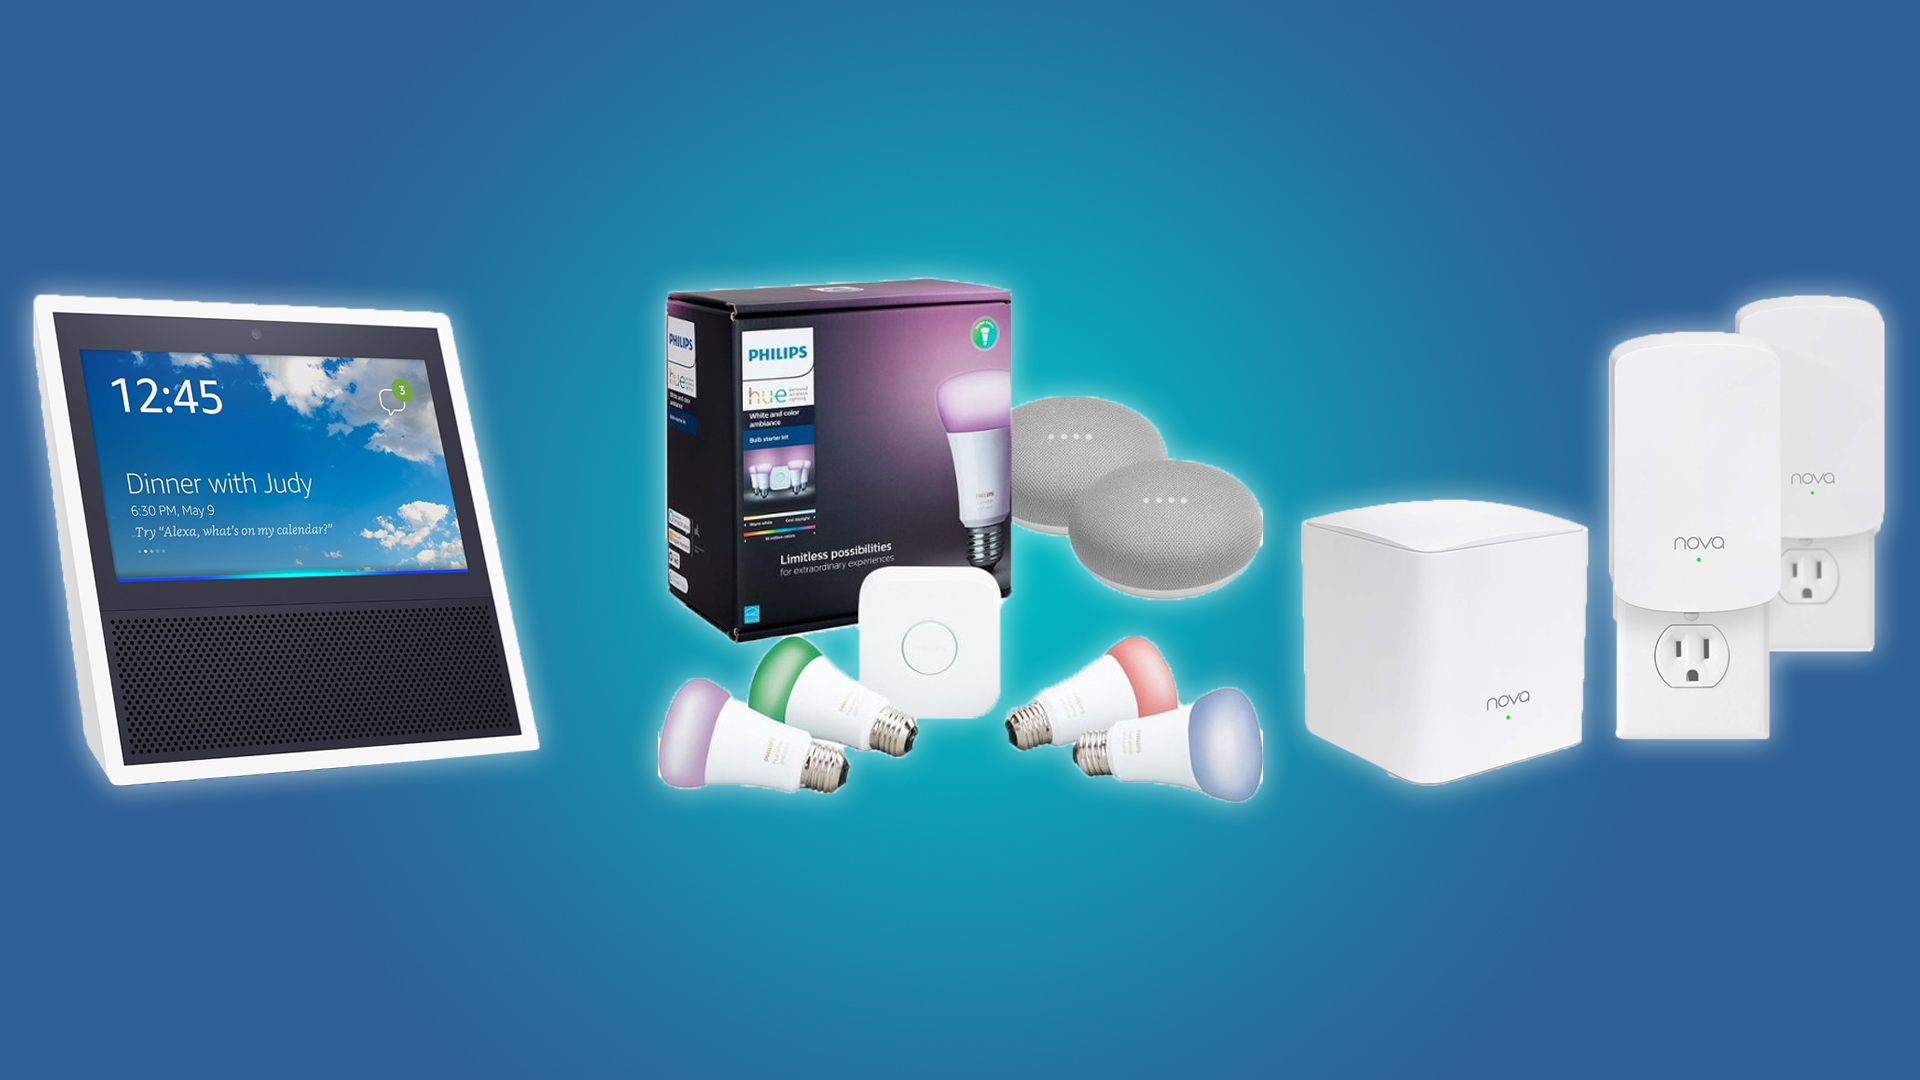 Tägliche Angebote: Philips Hue-Kit mit 2 Google Home Minis für 170 US-Dollar, Echo-Show für 100 US-Dollar, Nova Mesh Wi-Fi für 100 US-Dollar und mehr